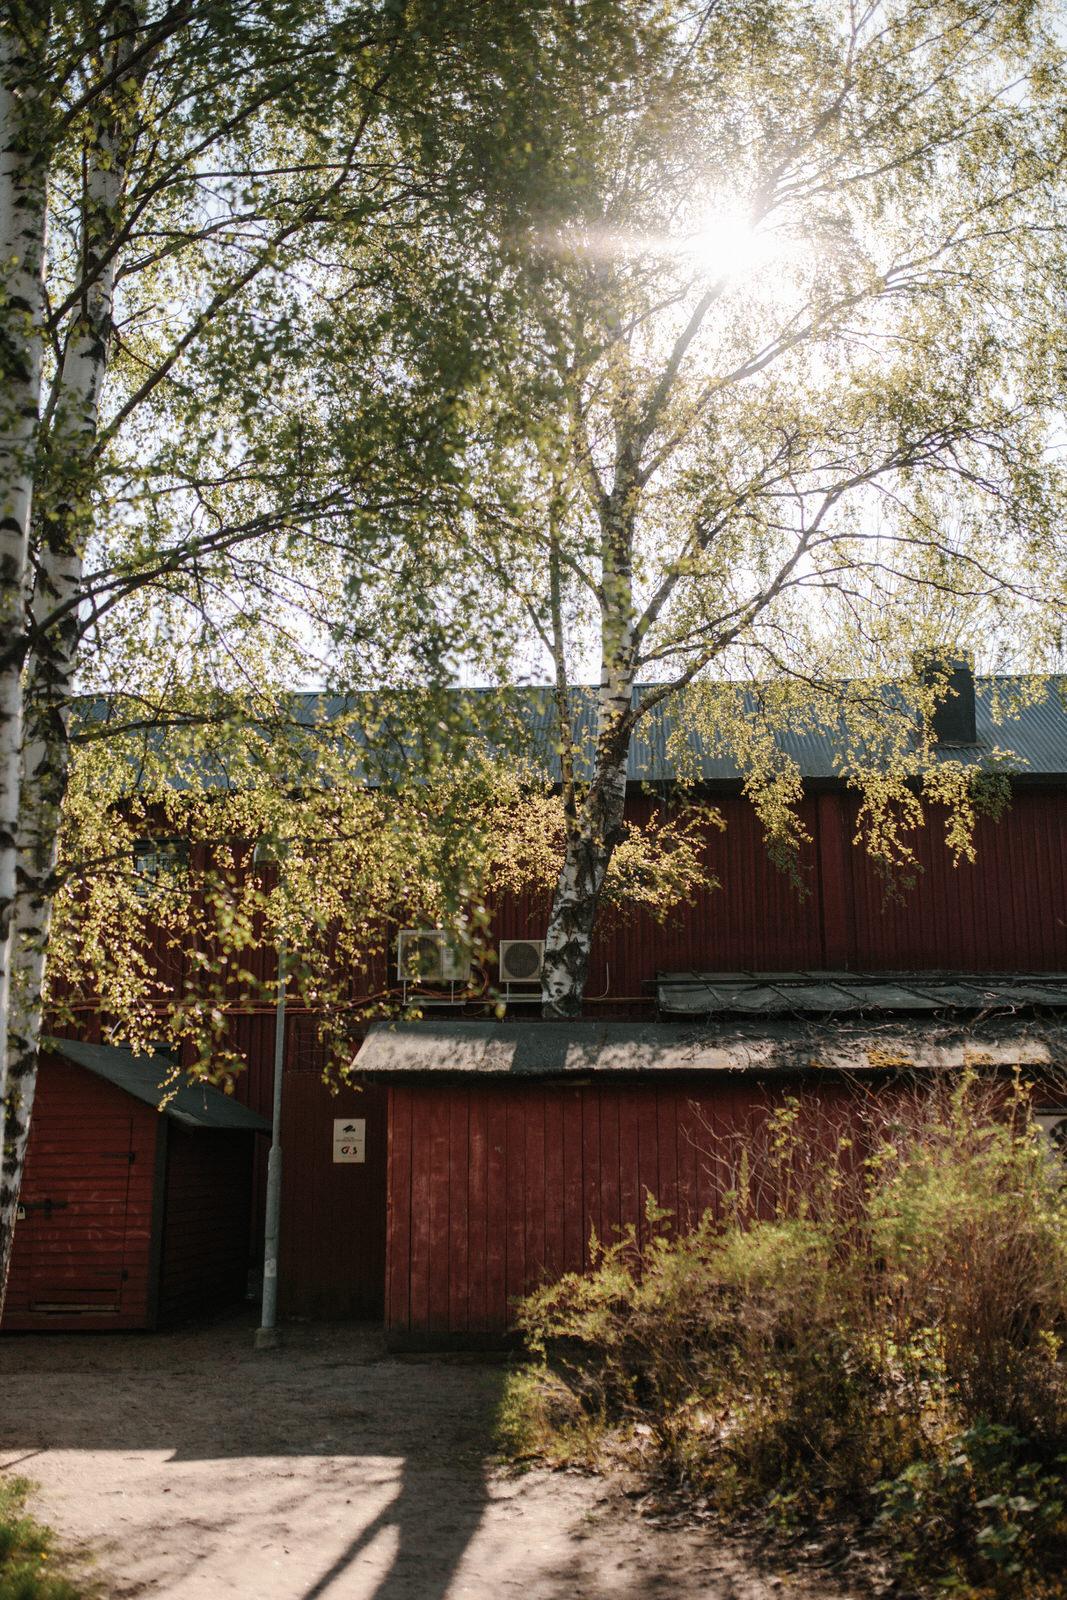 Helsinki_051418_0096.jpg